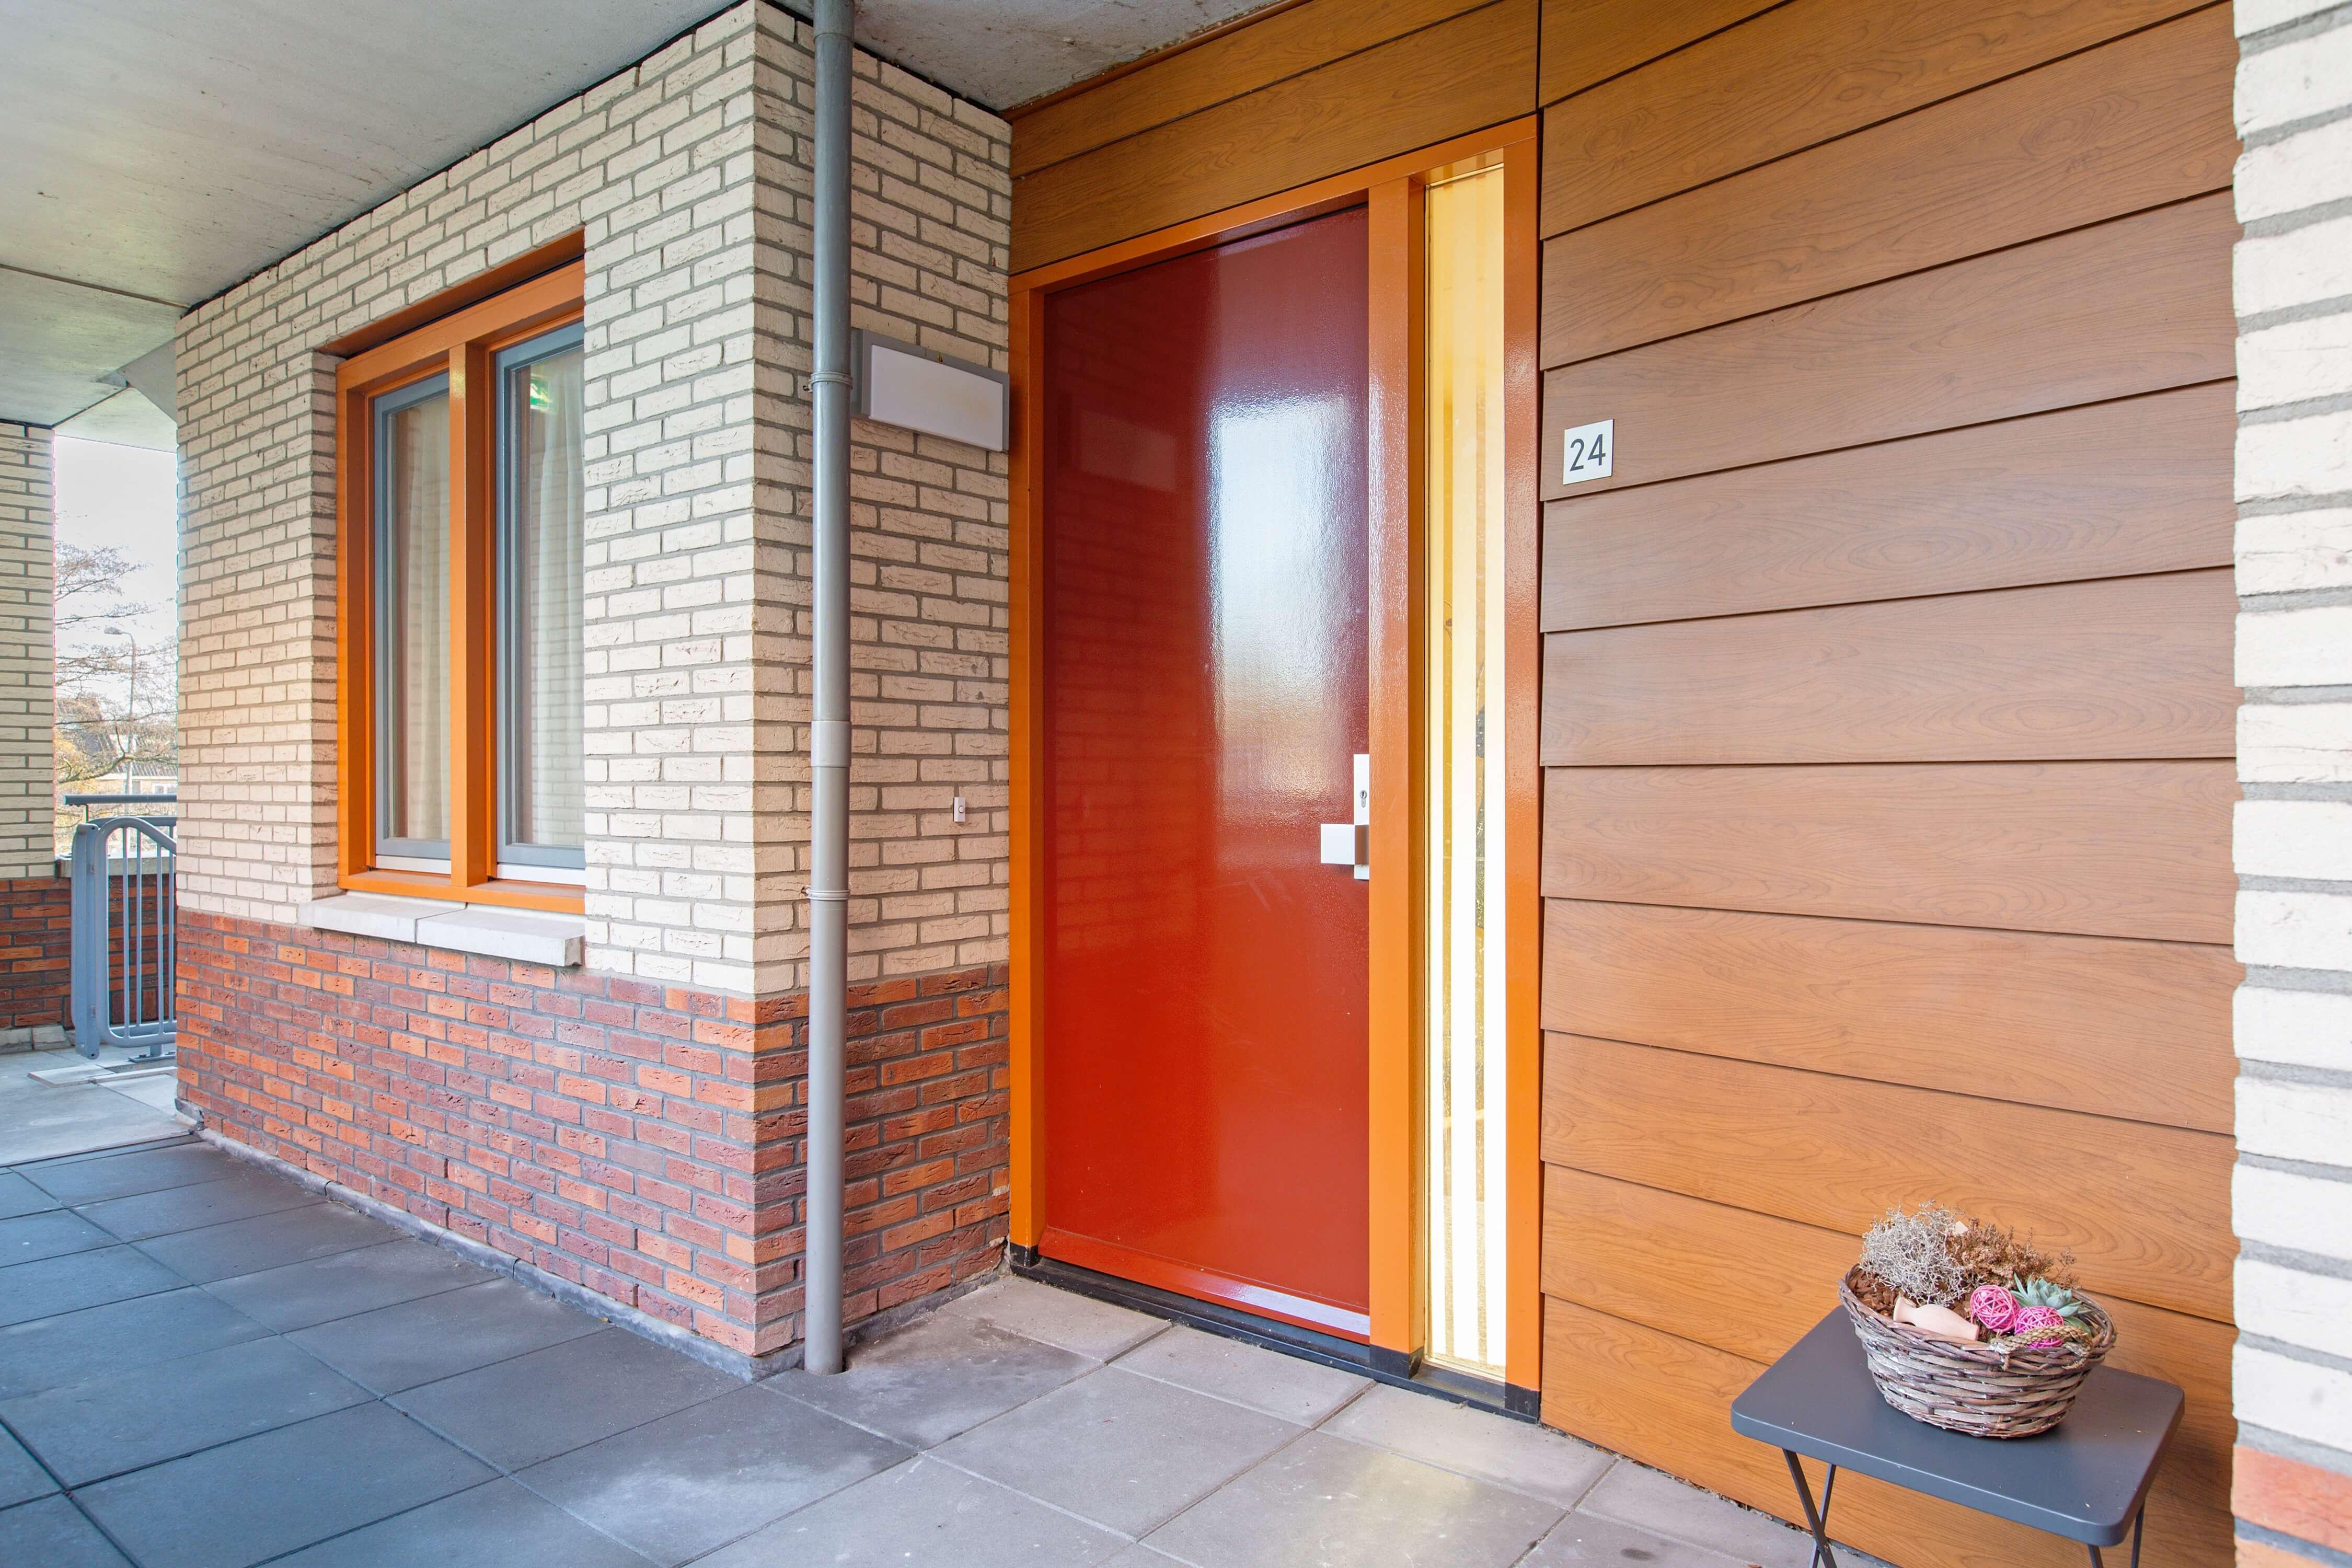 Te koop appartement Heemskerk Lessestraat Heemskerk voordeur - Huisinzicht